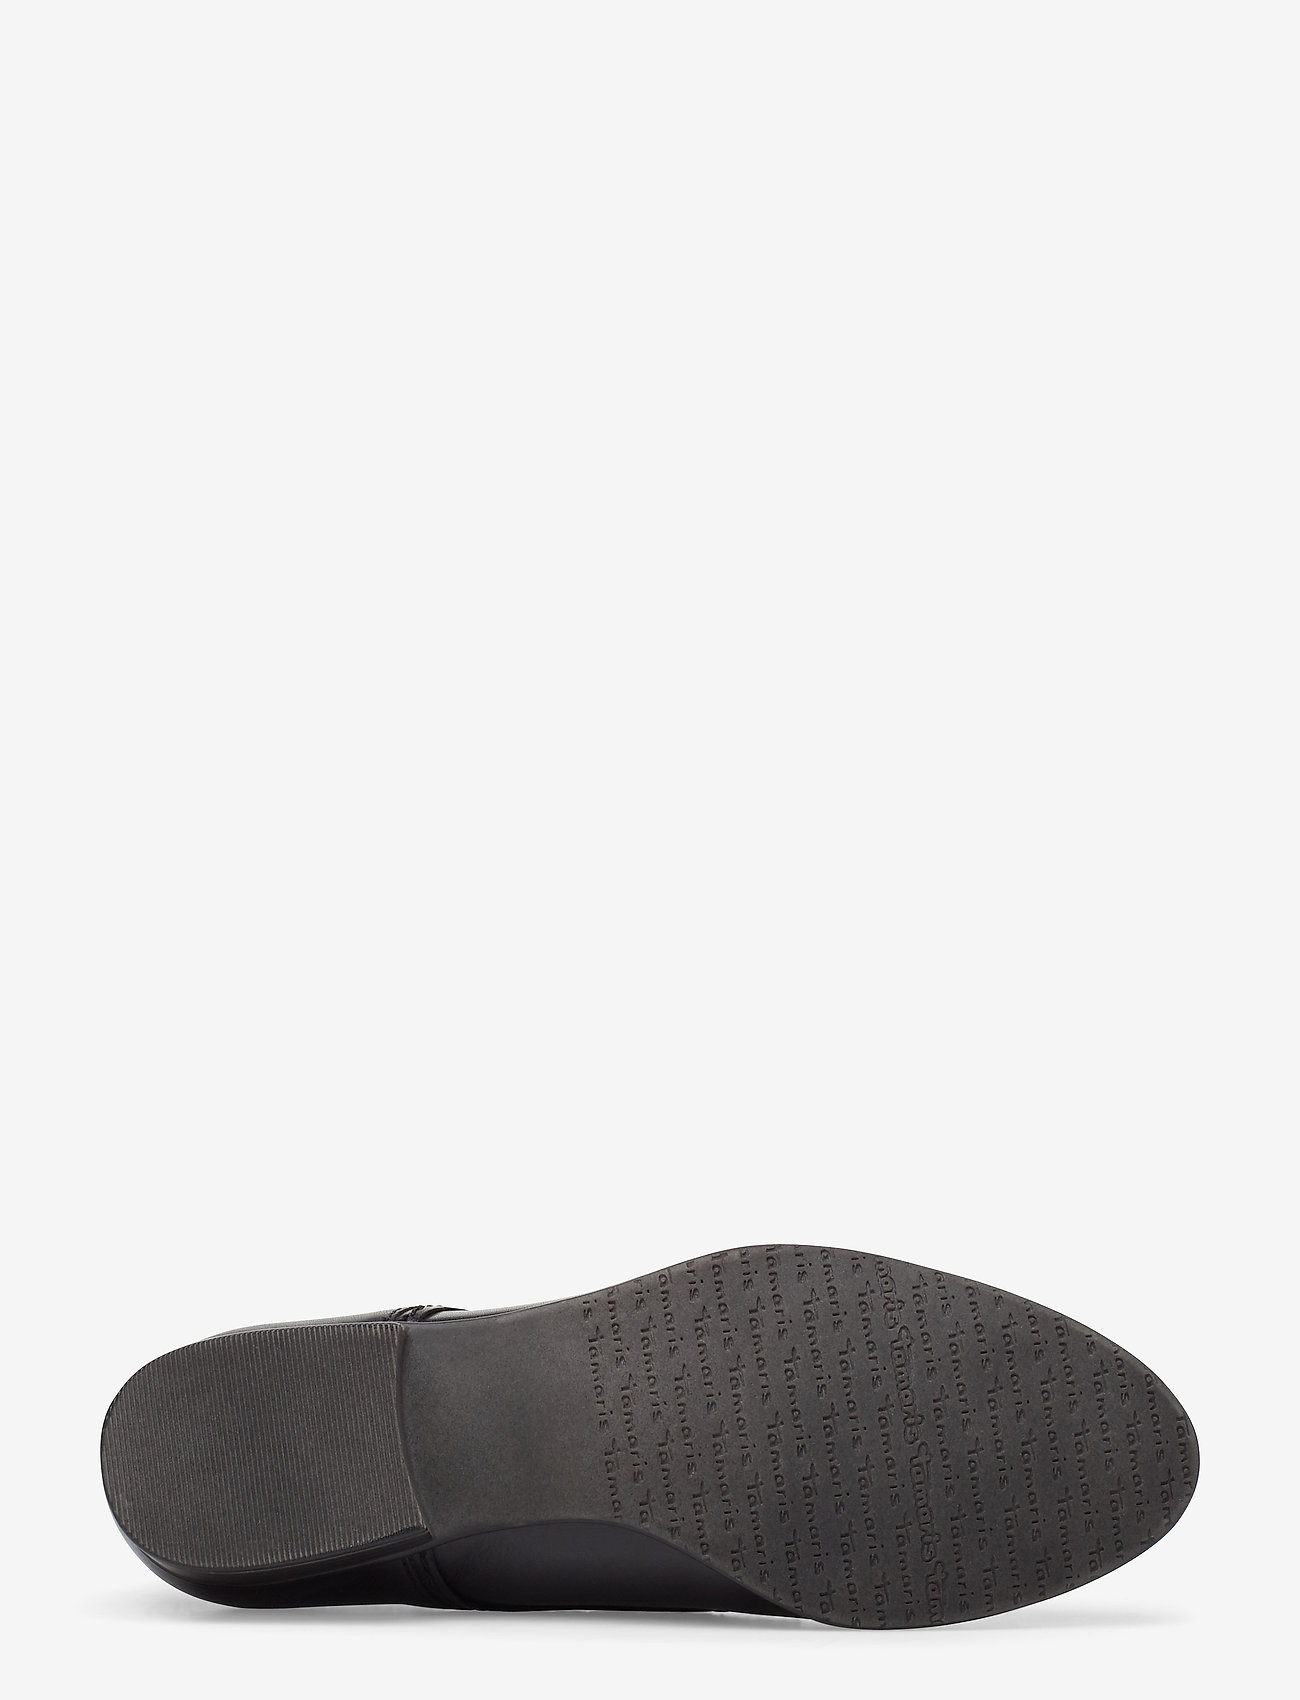 Woms Lace-up (Black) (599 kr) - Tamaris